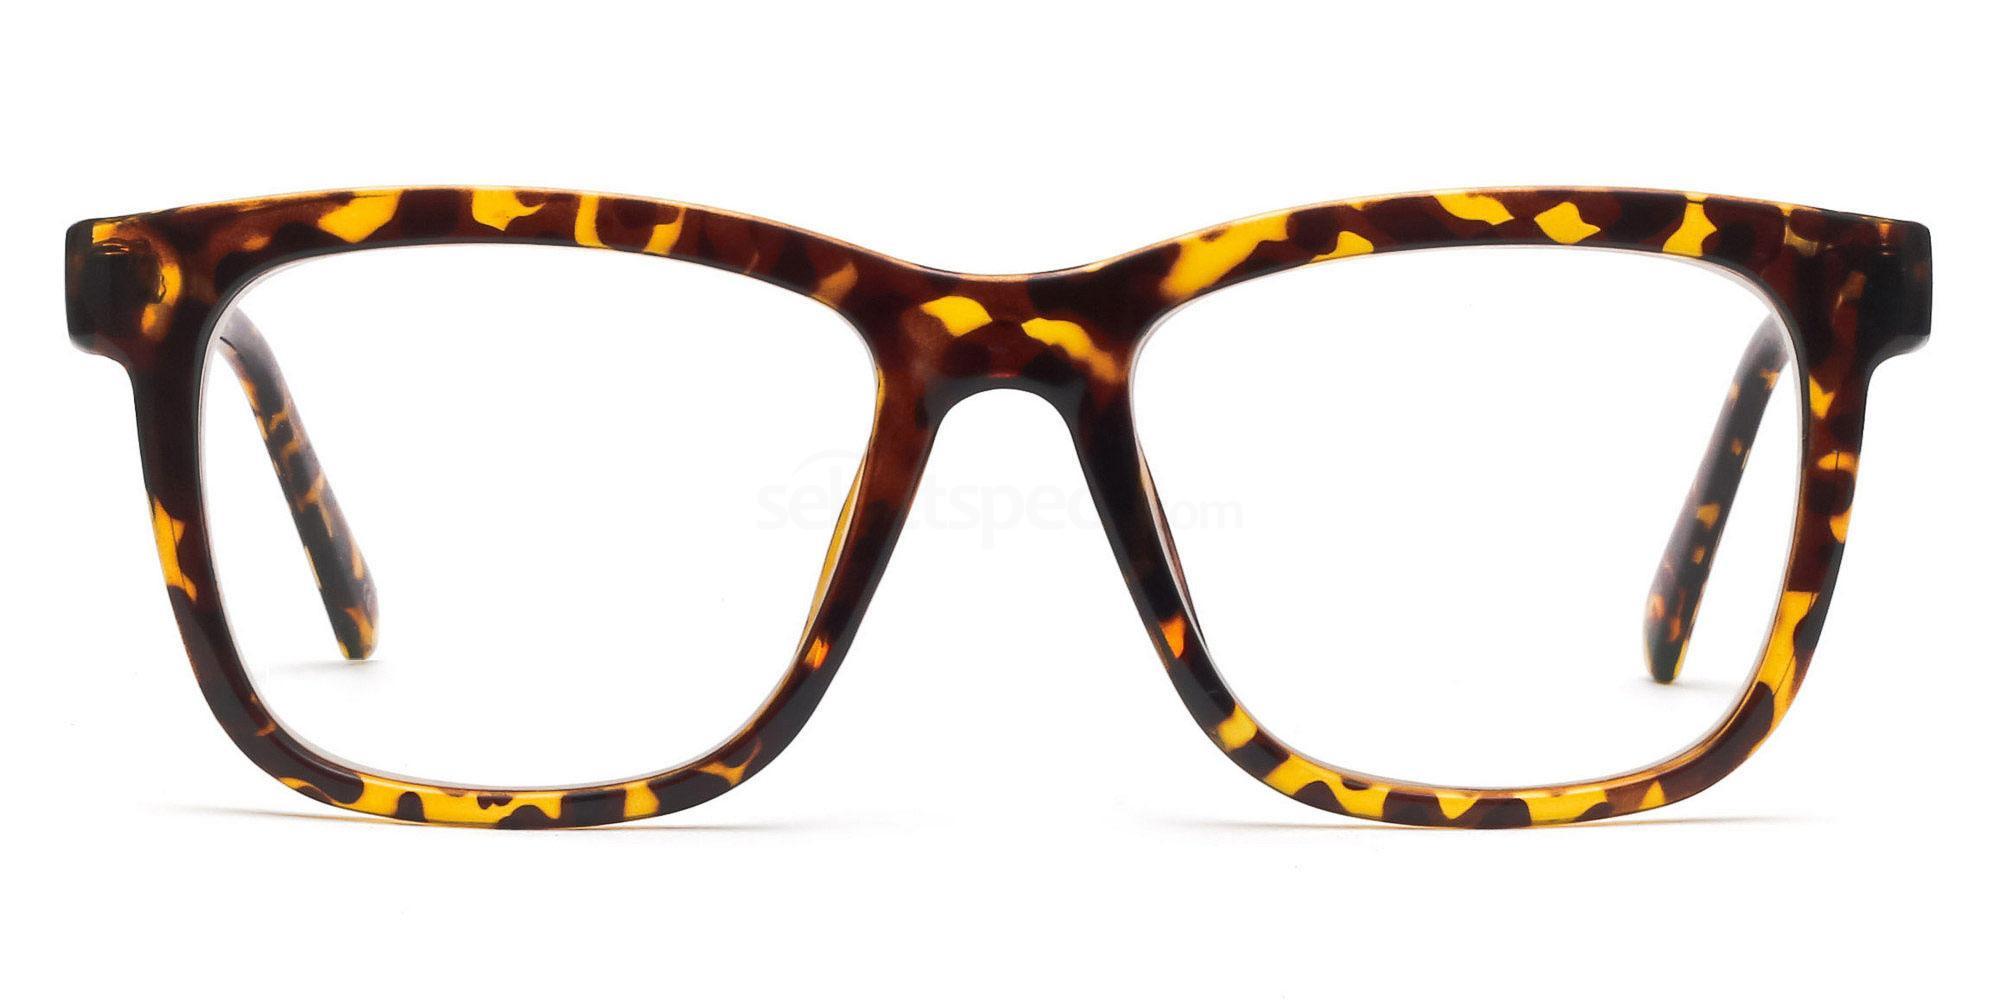 COL.04 2444 - Havana Glasses, Savannah